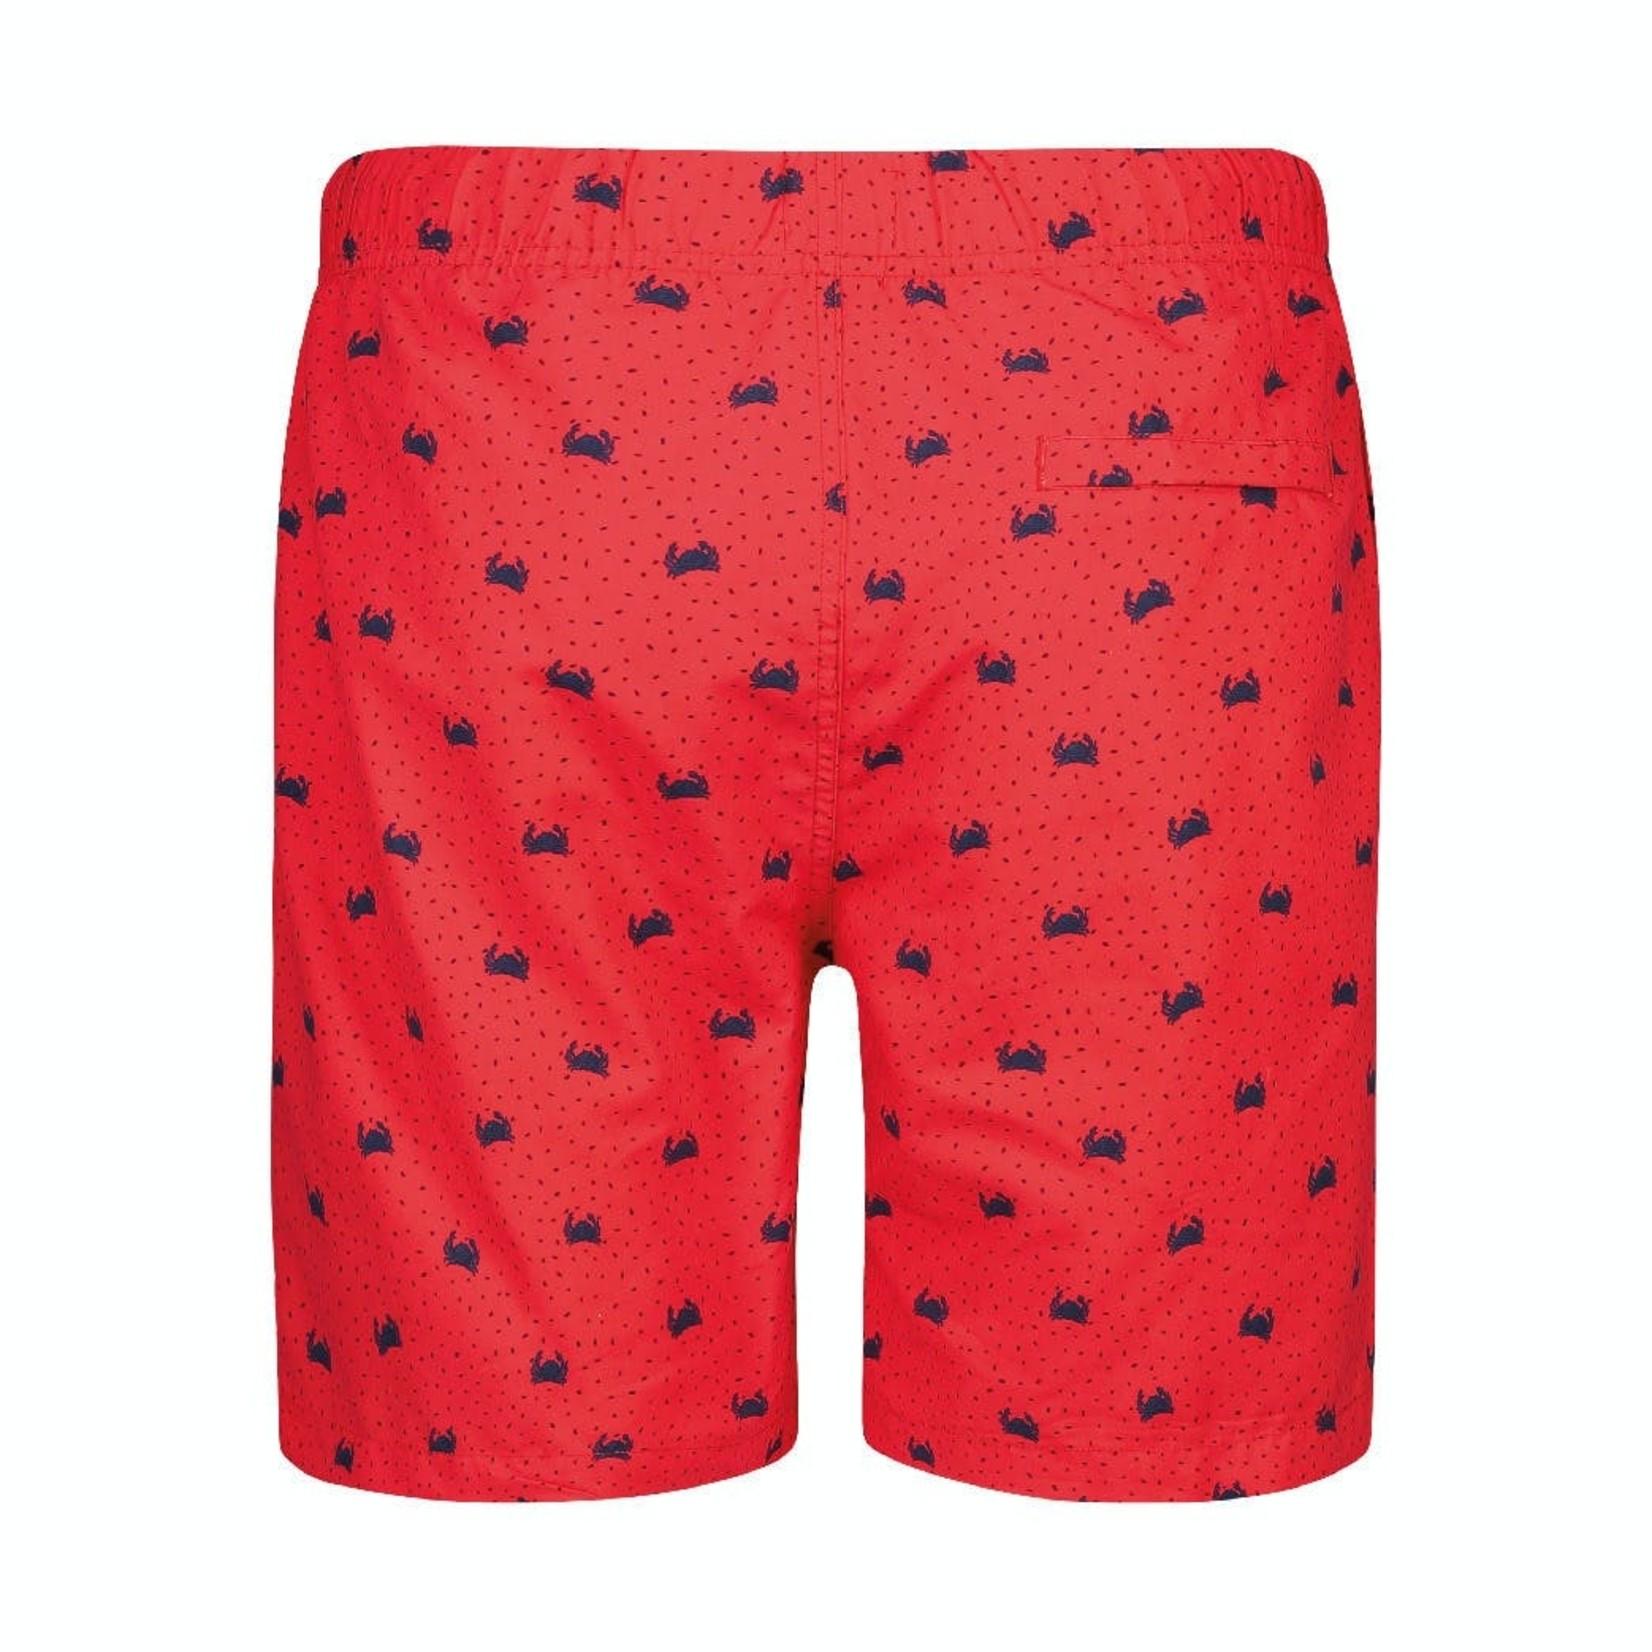 Shiwi Shiwi zwemshort rood krabben